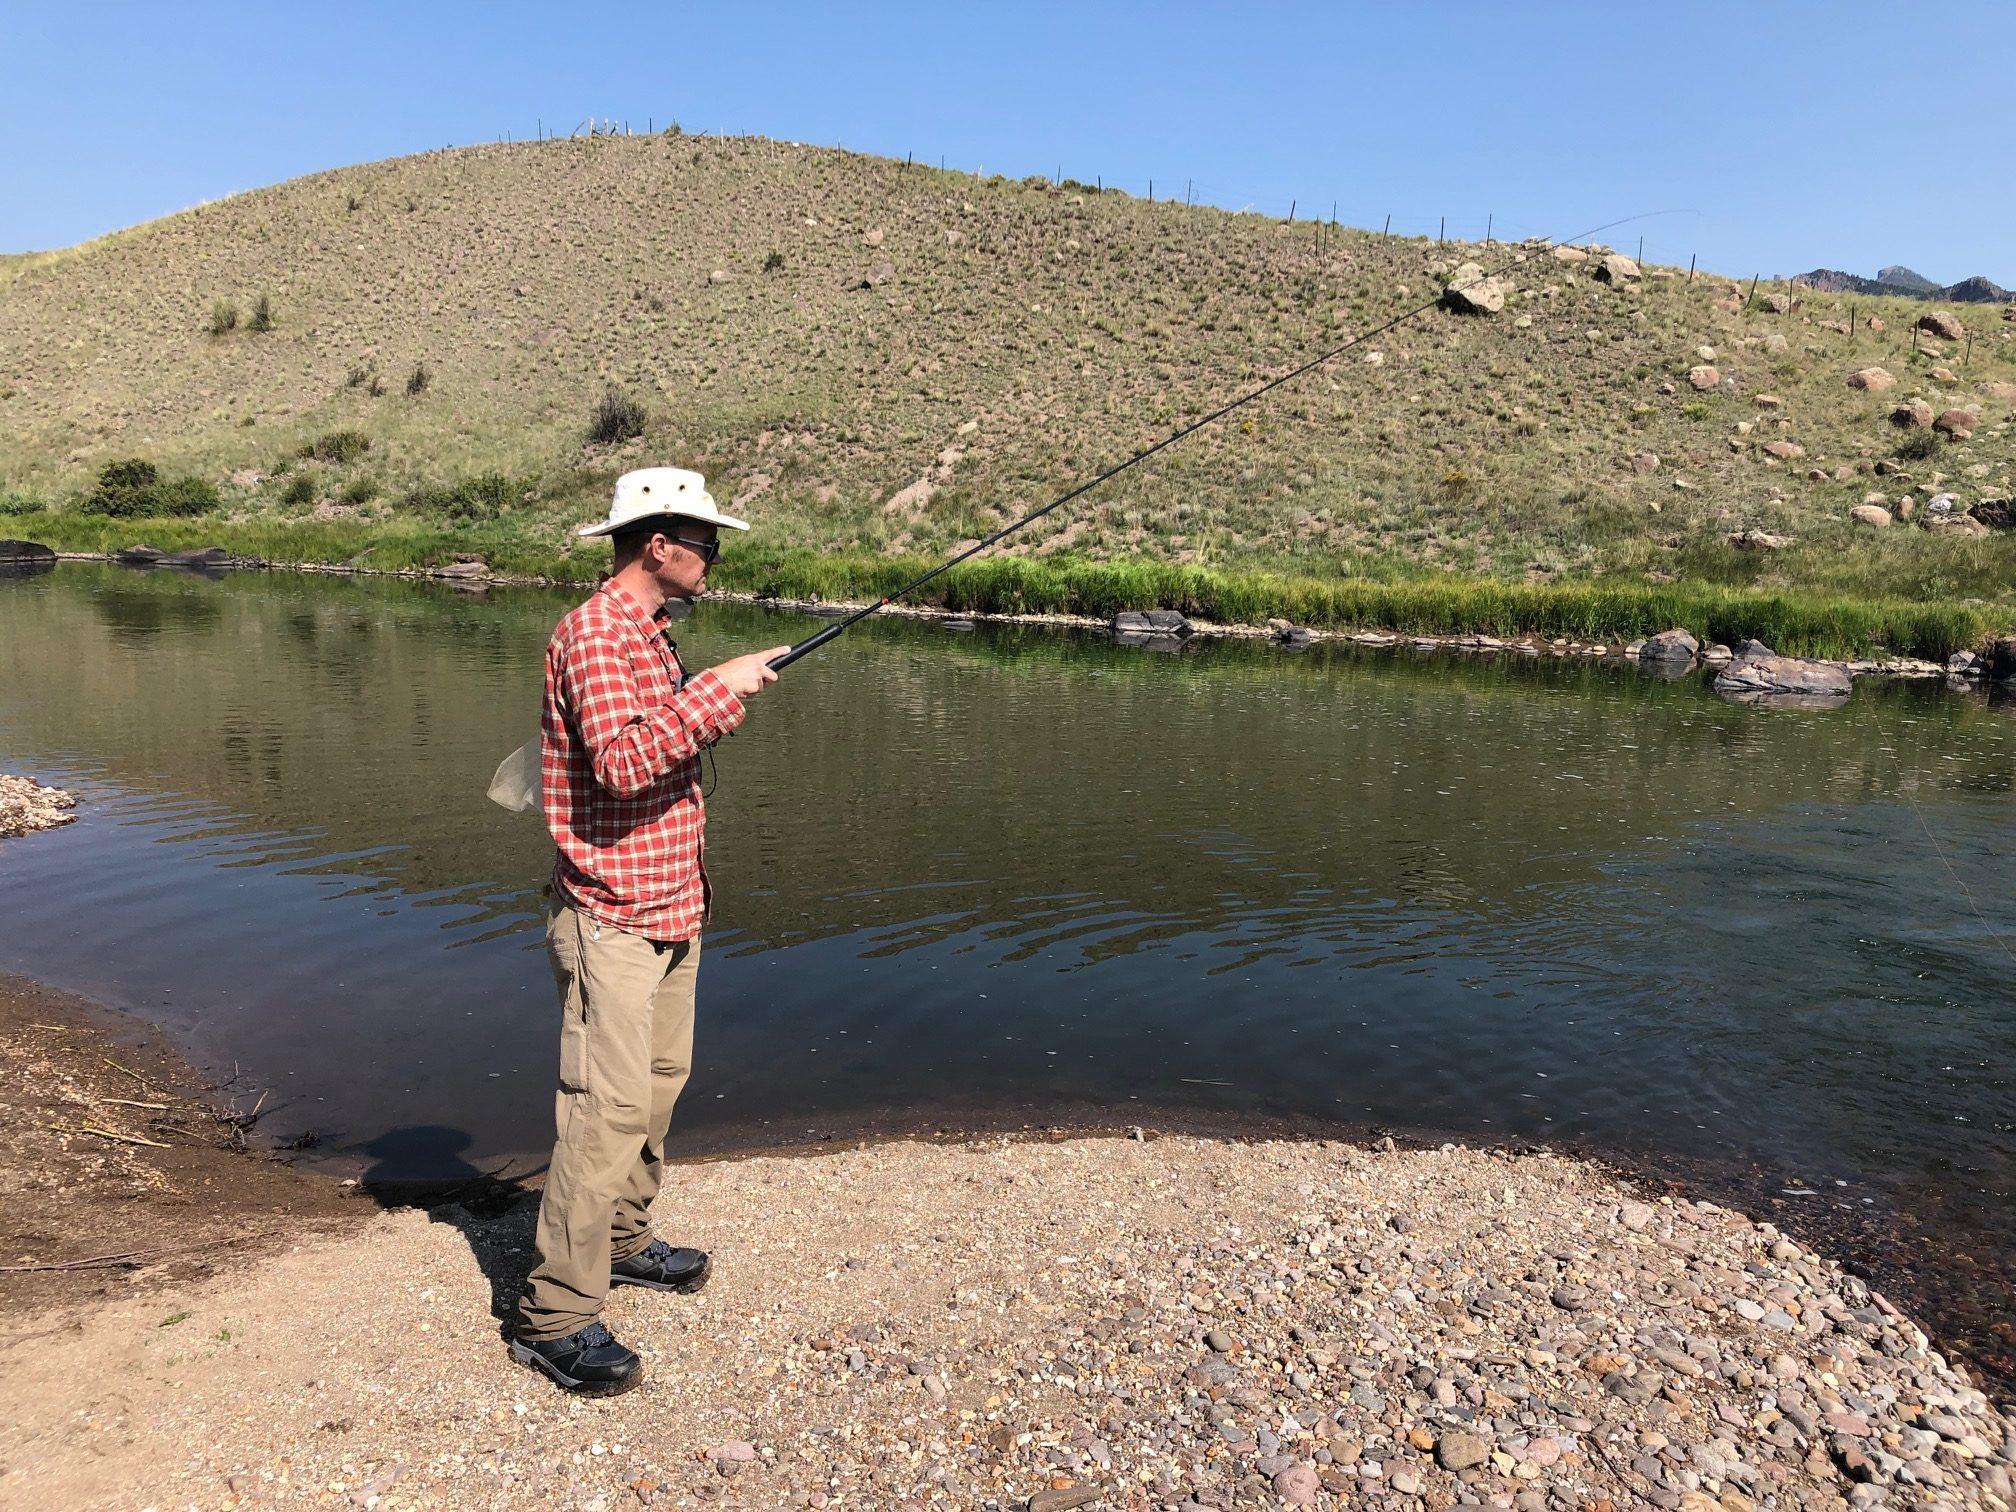 Tenkara on the Rio Grande